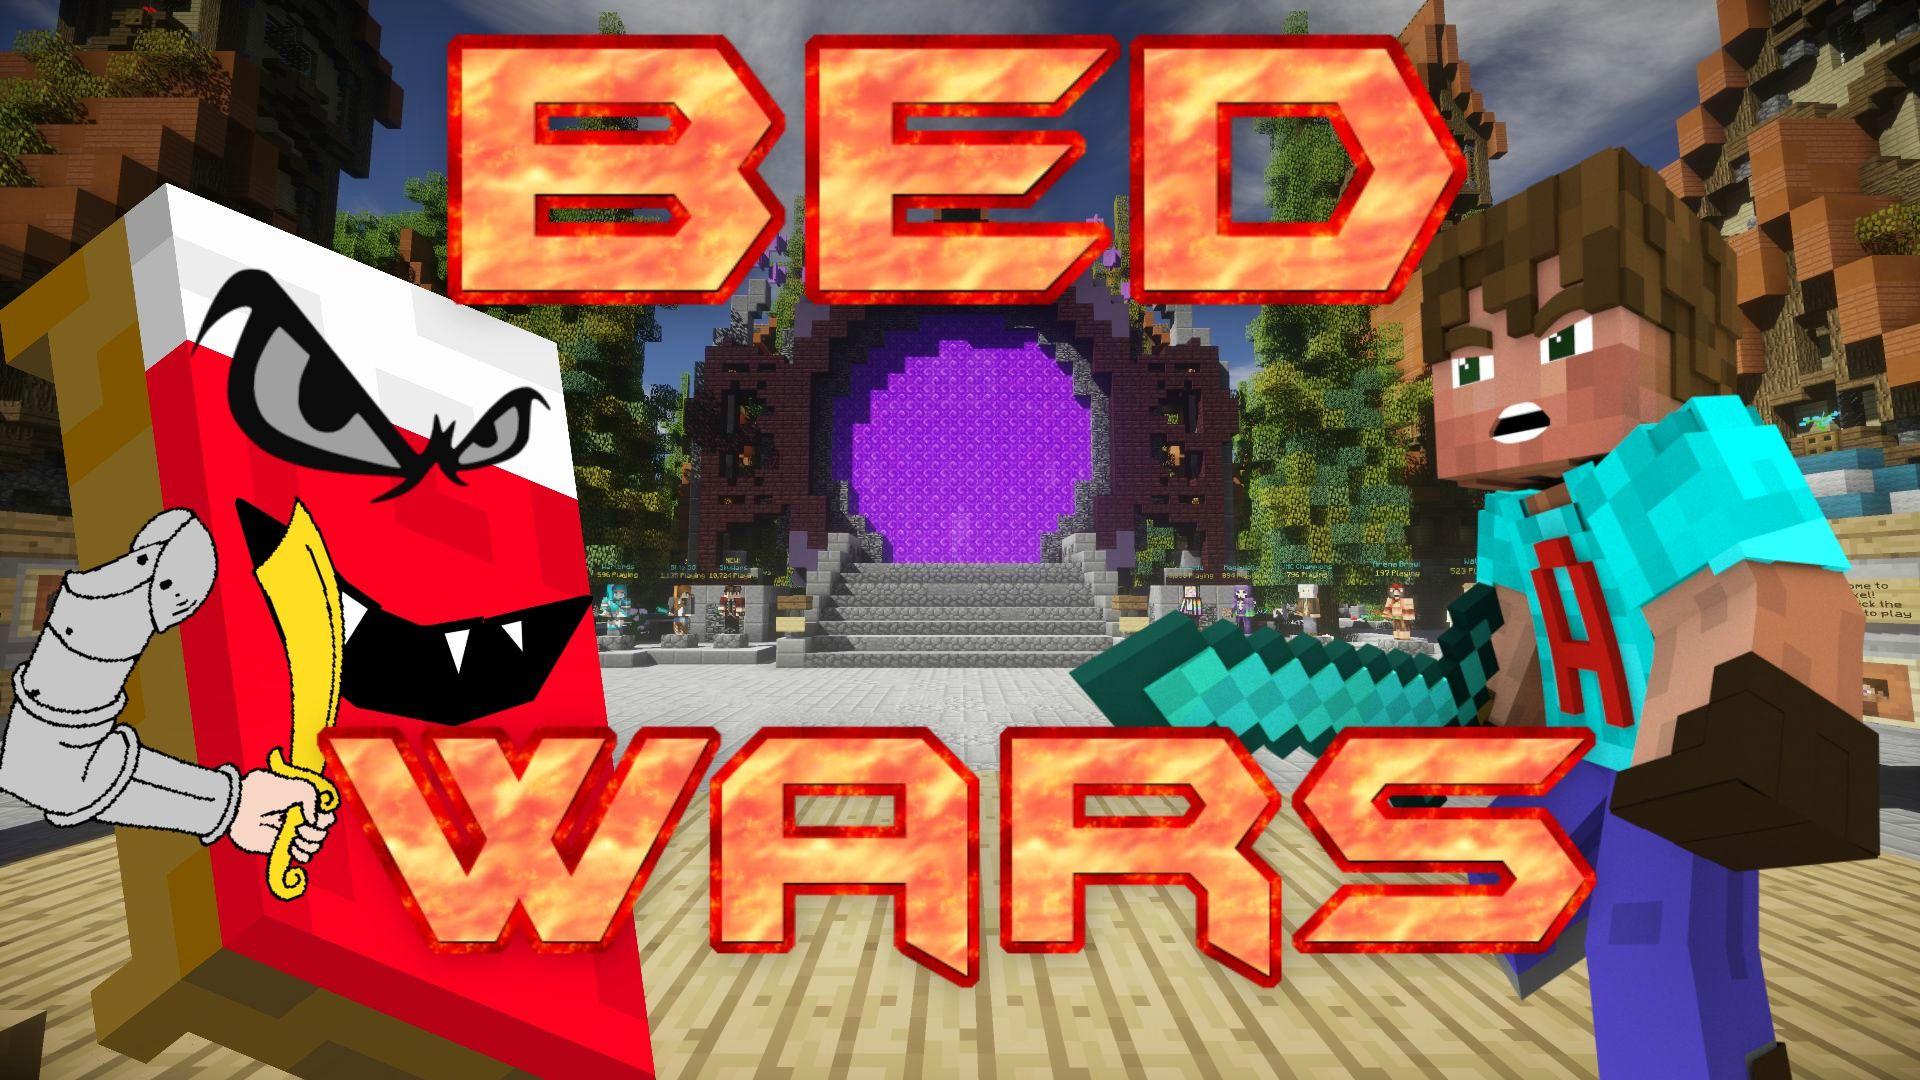 Minecraft Spielen Deutsch Minecraft Bedwars Jetzt Kostenlos - Minecraft bedwars jetzt kostenlos spielen